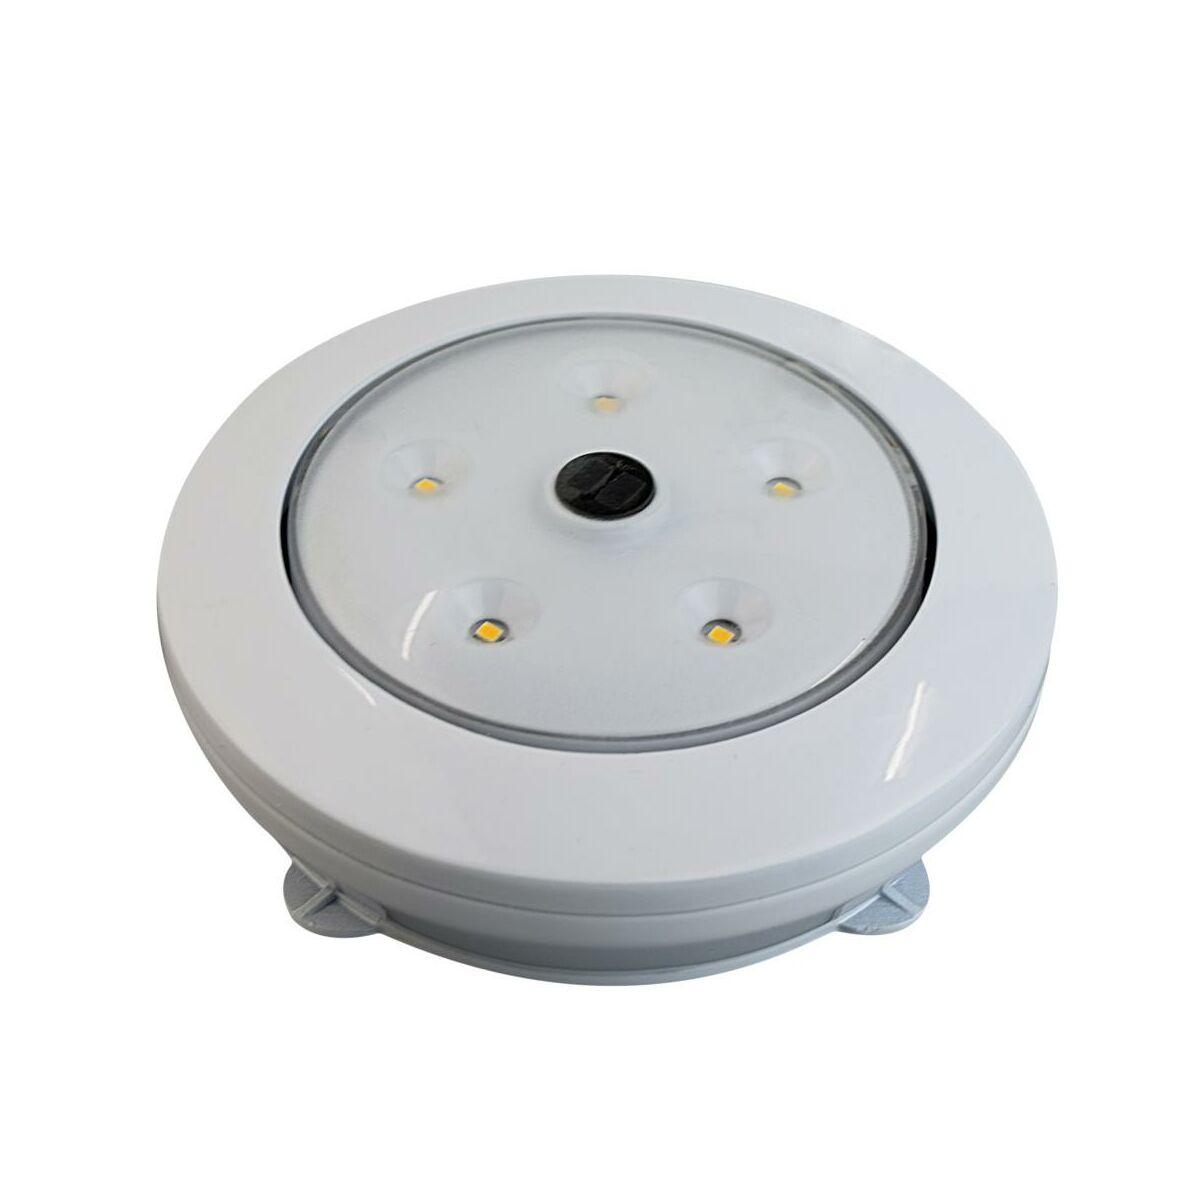 Lampka Led Tana Na Baterie 8 6 X 3 5 Cm 45 Lm Inspire Oswietlenie Wnetrza Szafek W Atrakcyjnej Cenie W Sklepach Leroy Merlin